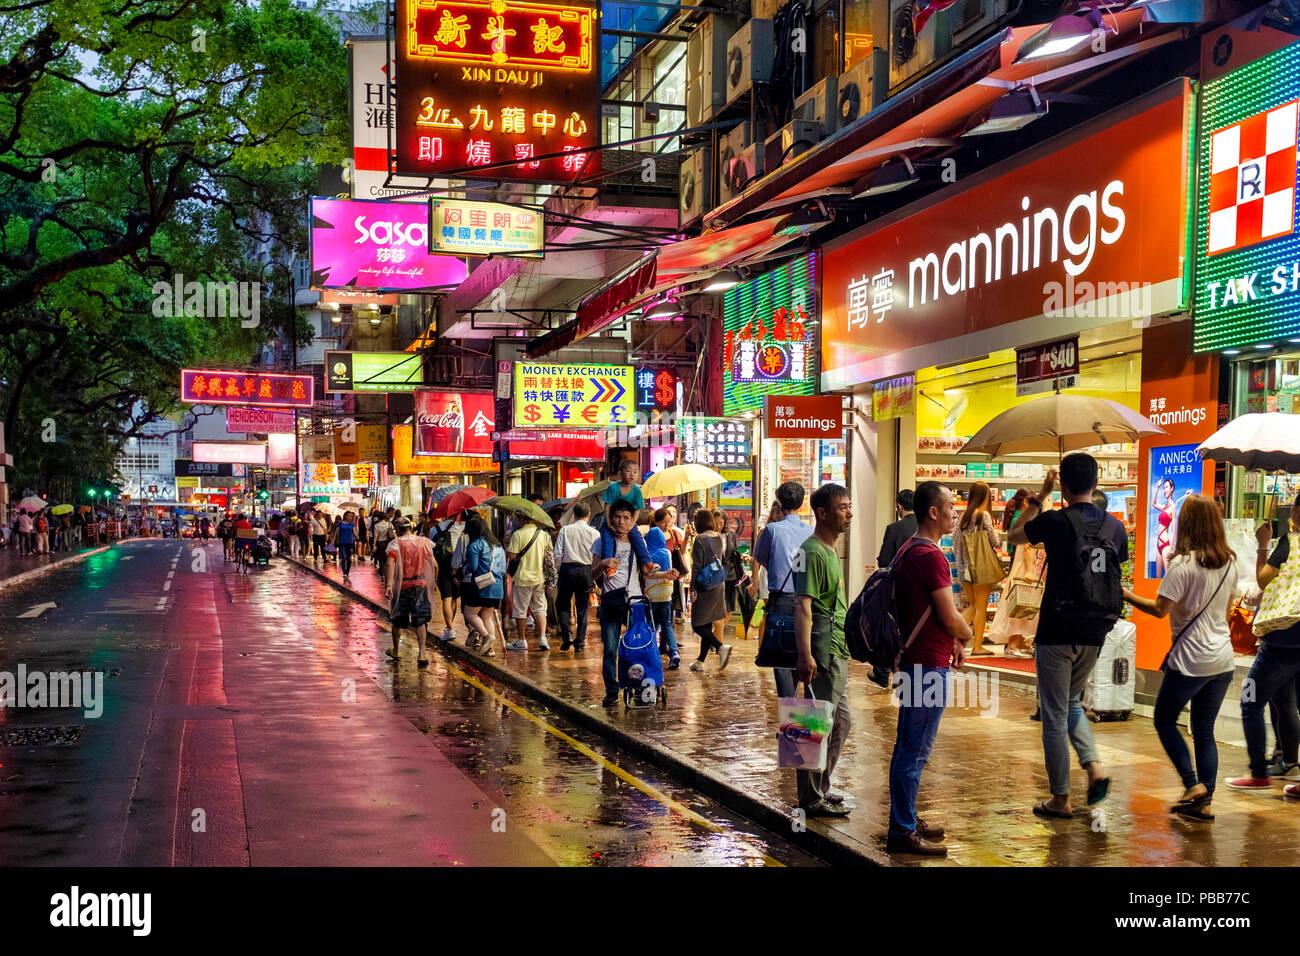 Haiphong road, Kowloon Park, Tsim Sha Tsui, Hong Kong, China. The road links Canton Road and Nathan Road. - Stock Image